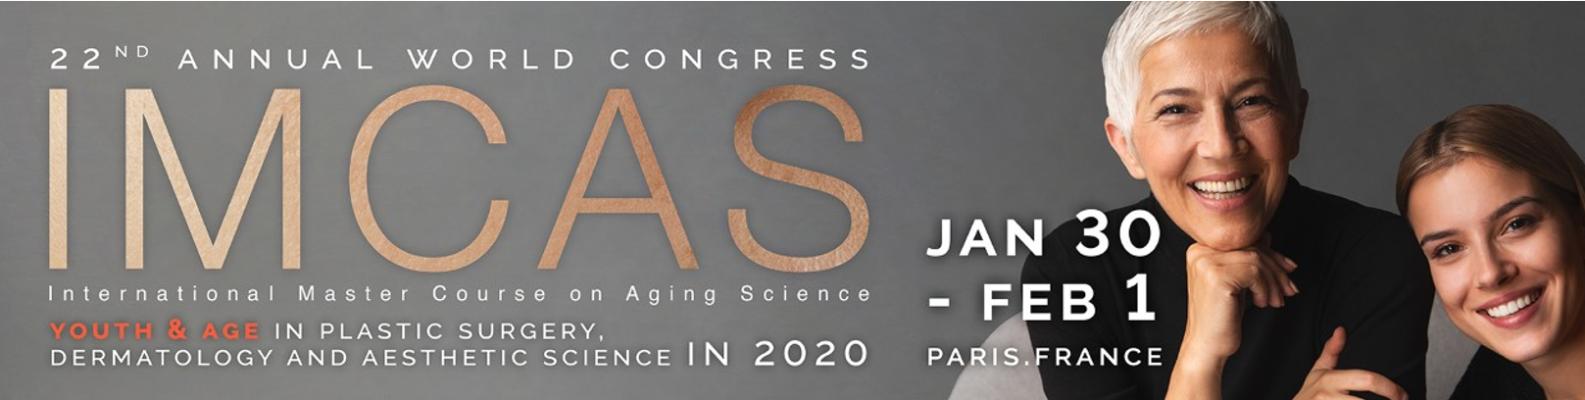 IMCAS 2020 Paris Palais des congrès